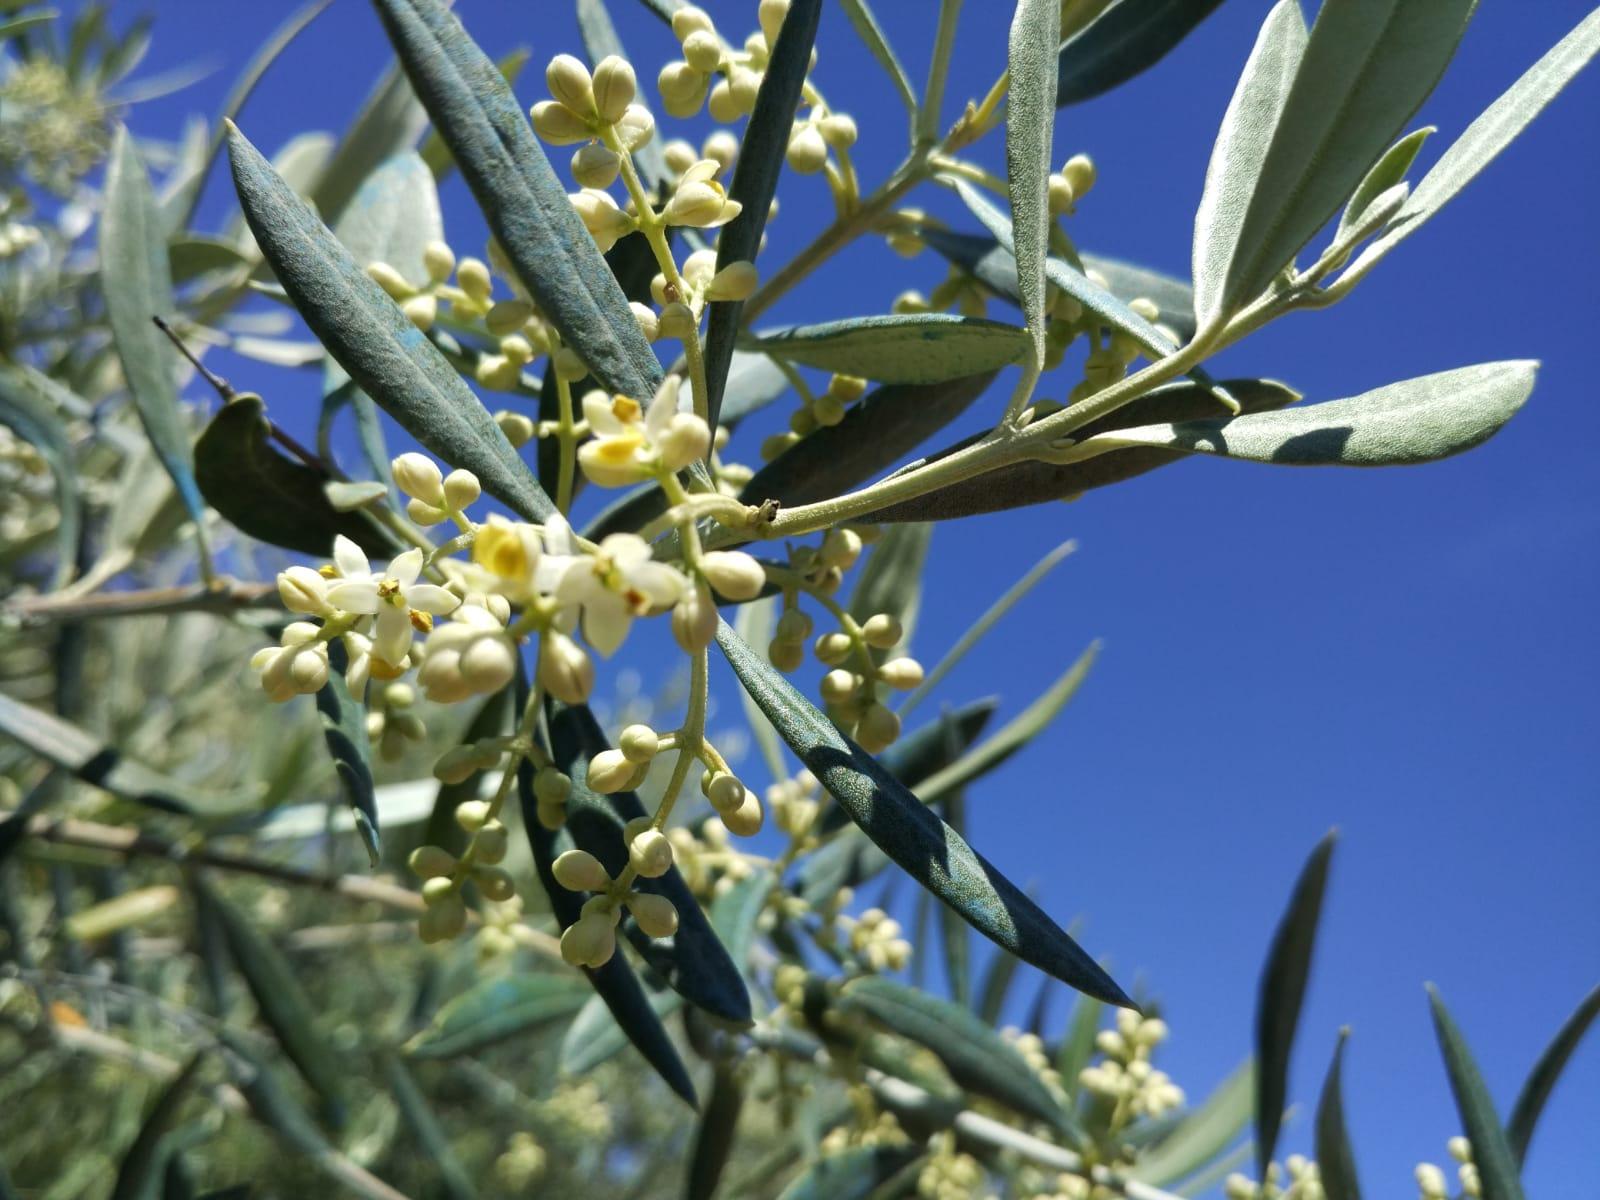 Situación fitosanitaria de la mosca del olivo en Andalucía